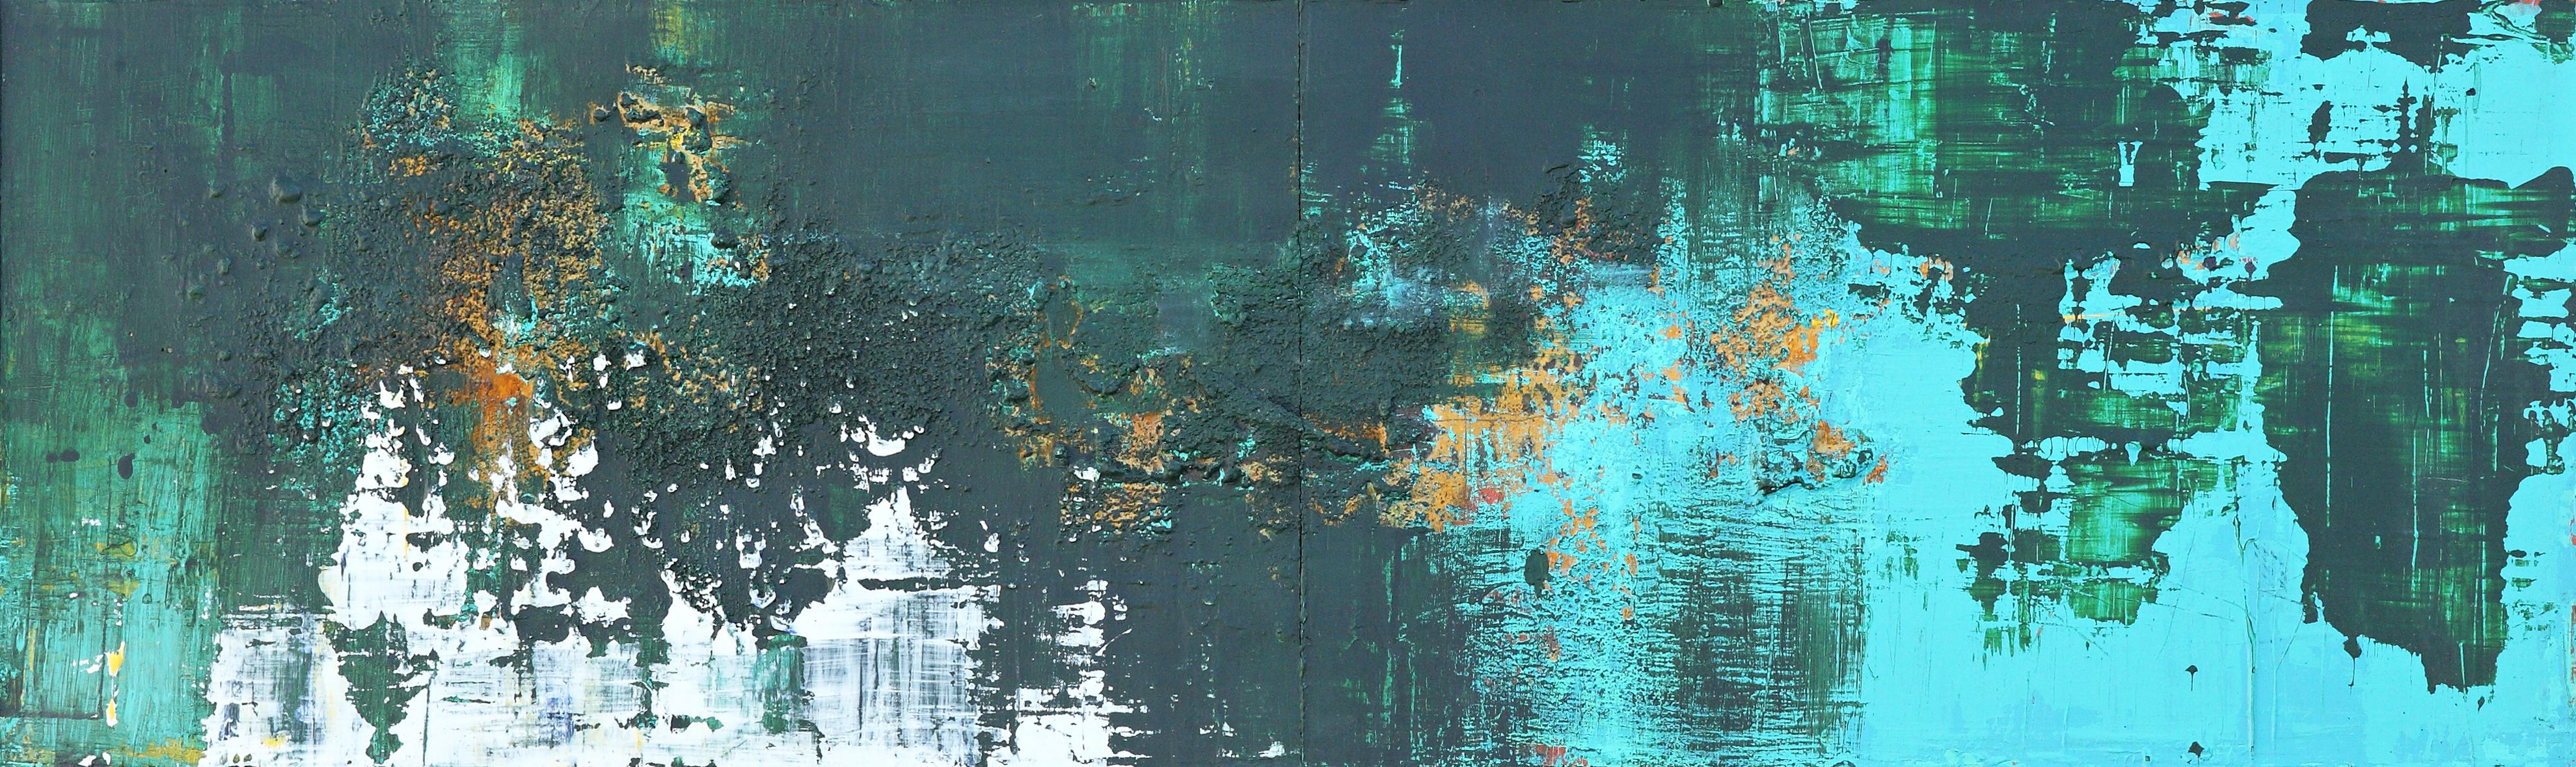 연상록, The Memory, 56x184cm, 아크릴 및 유화, 2017